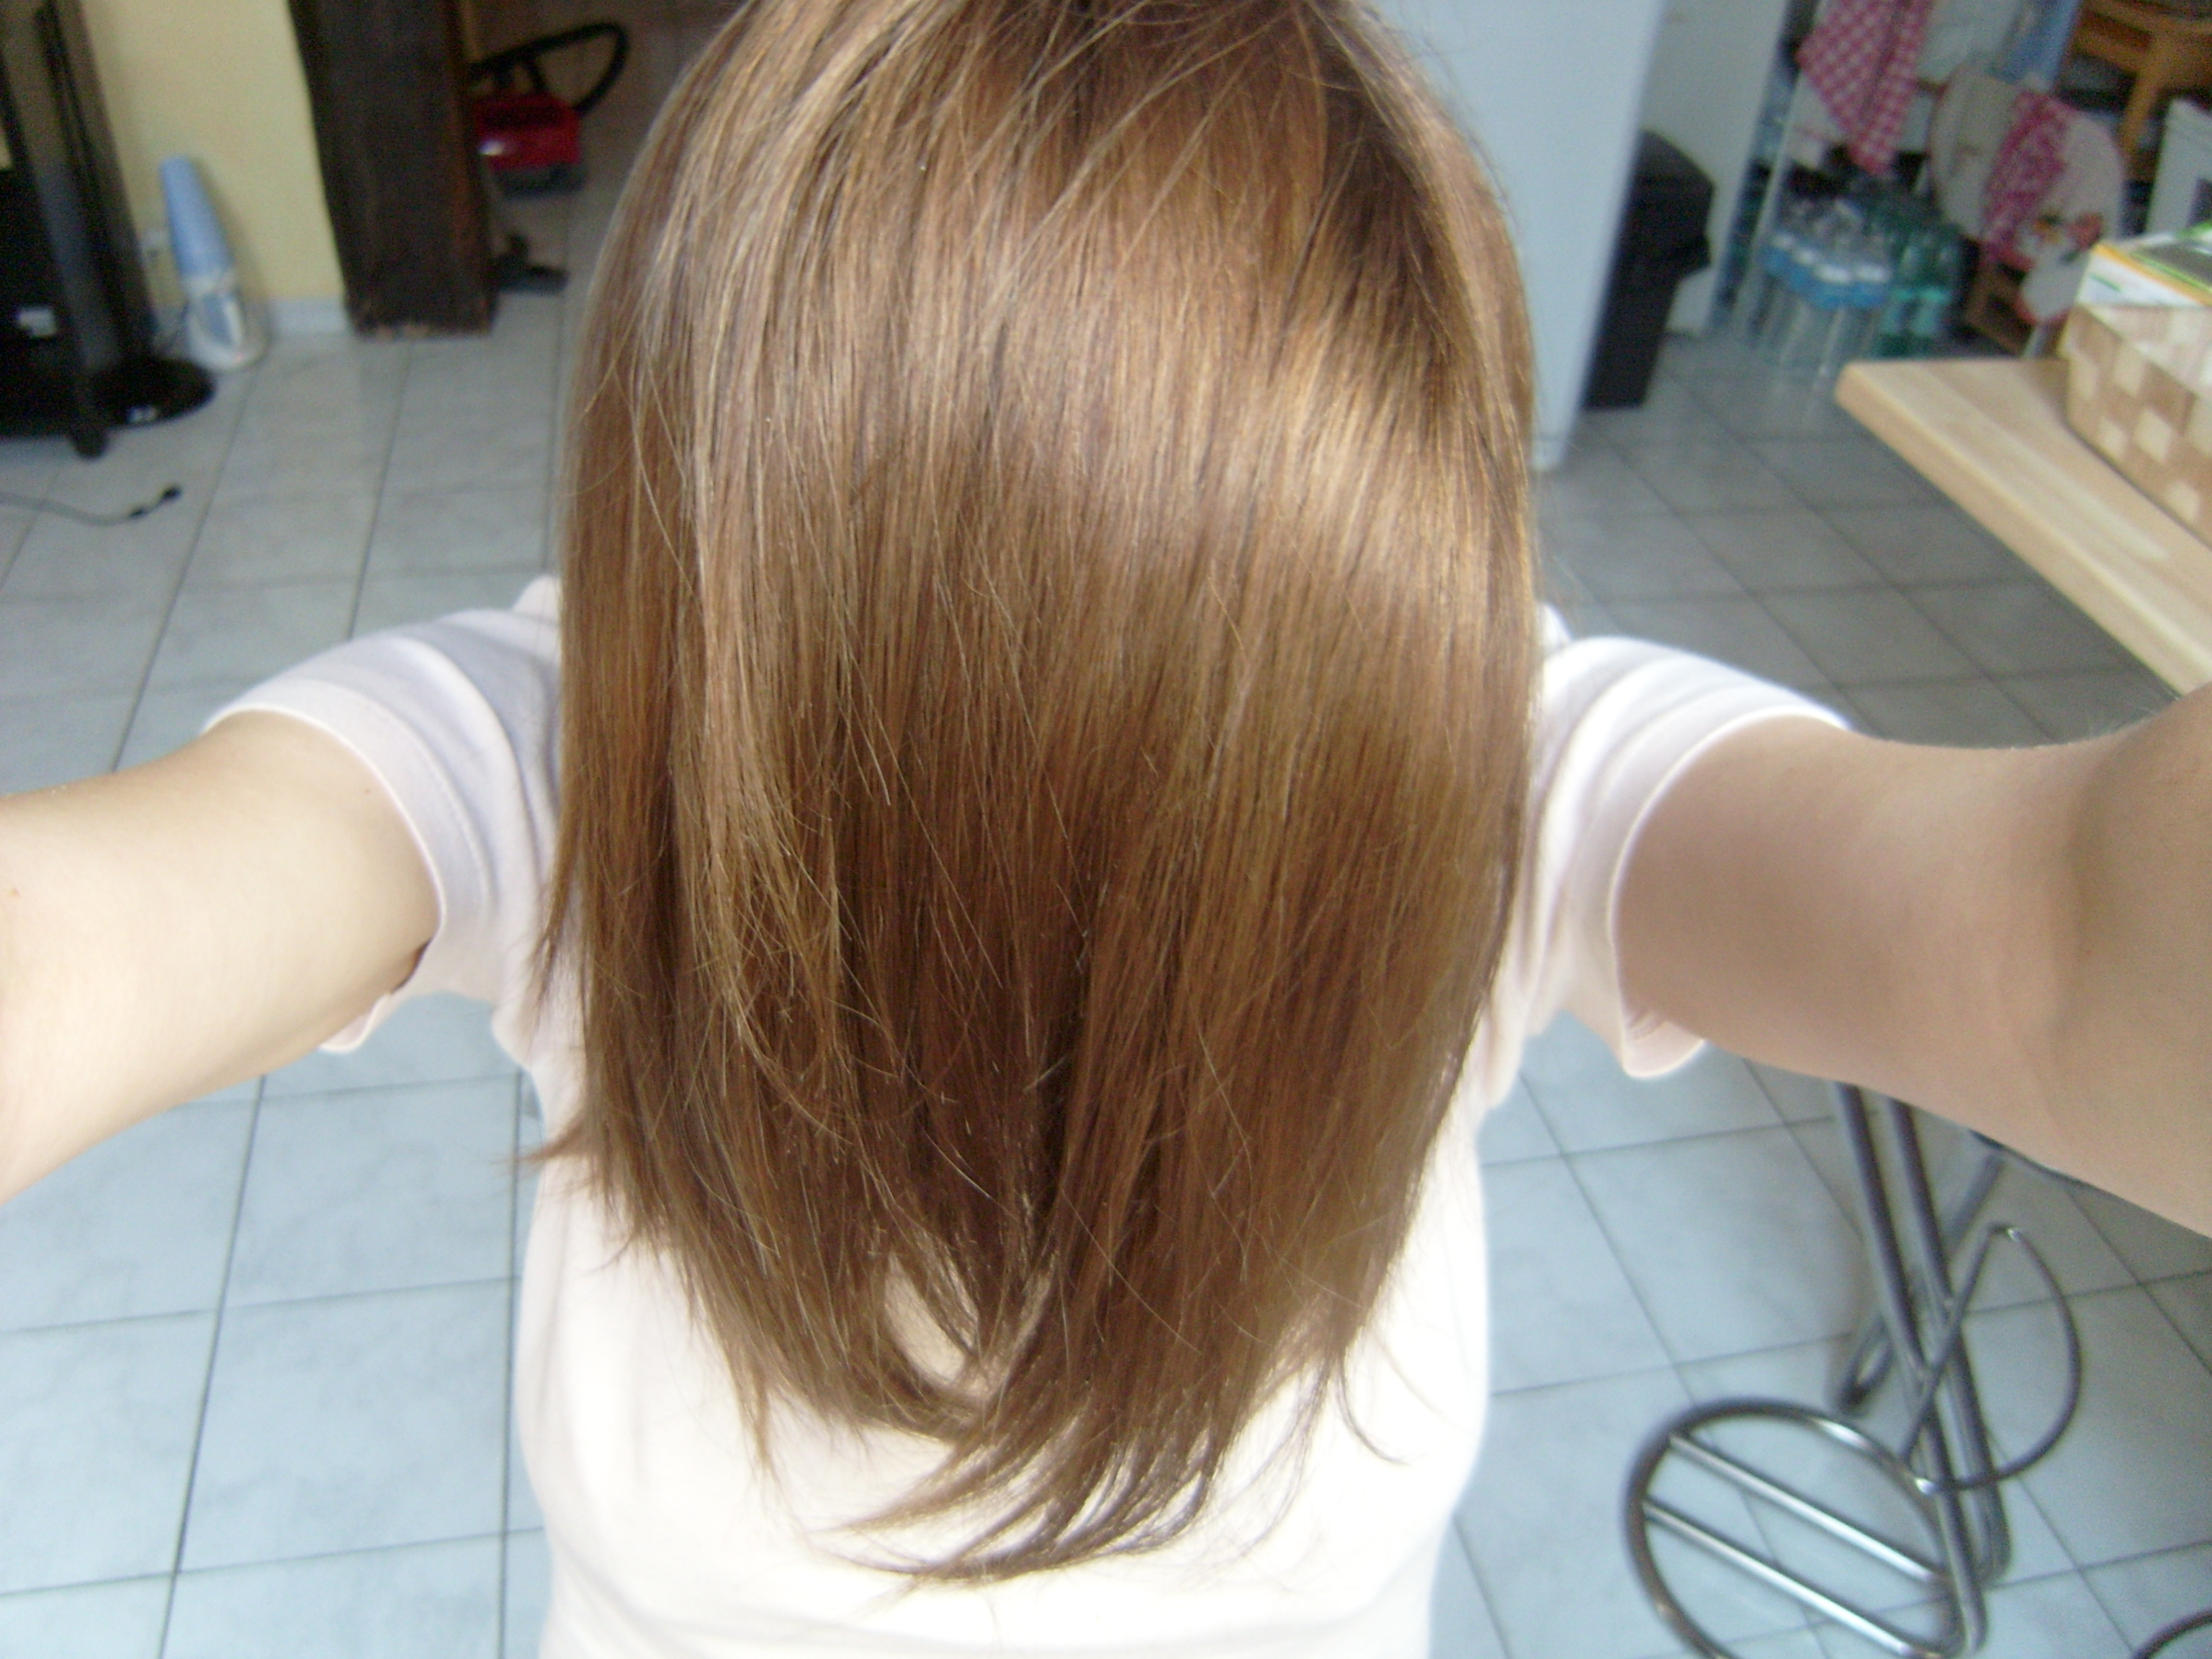 Couleur cheveux 7 13